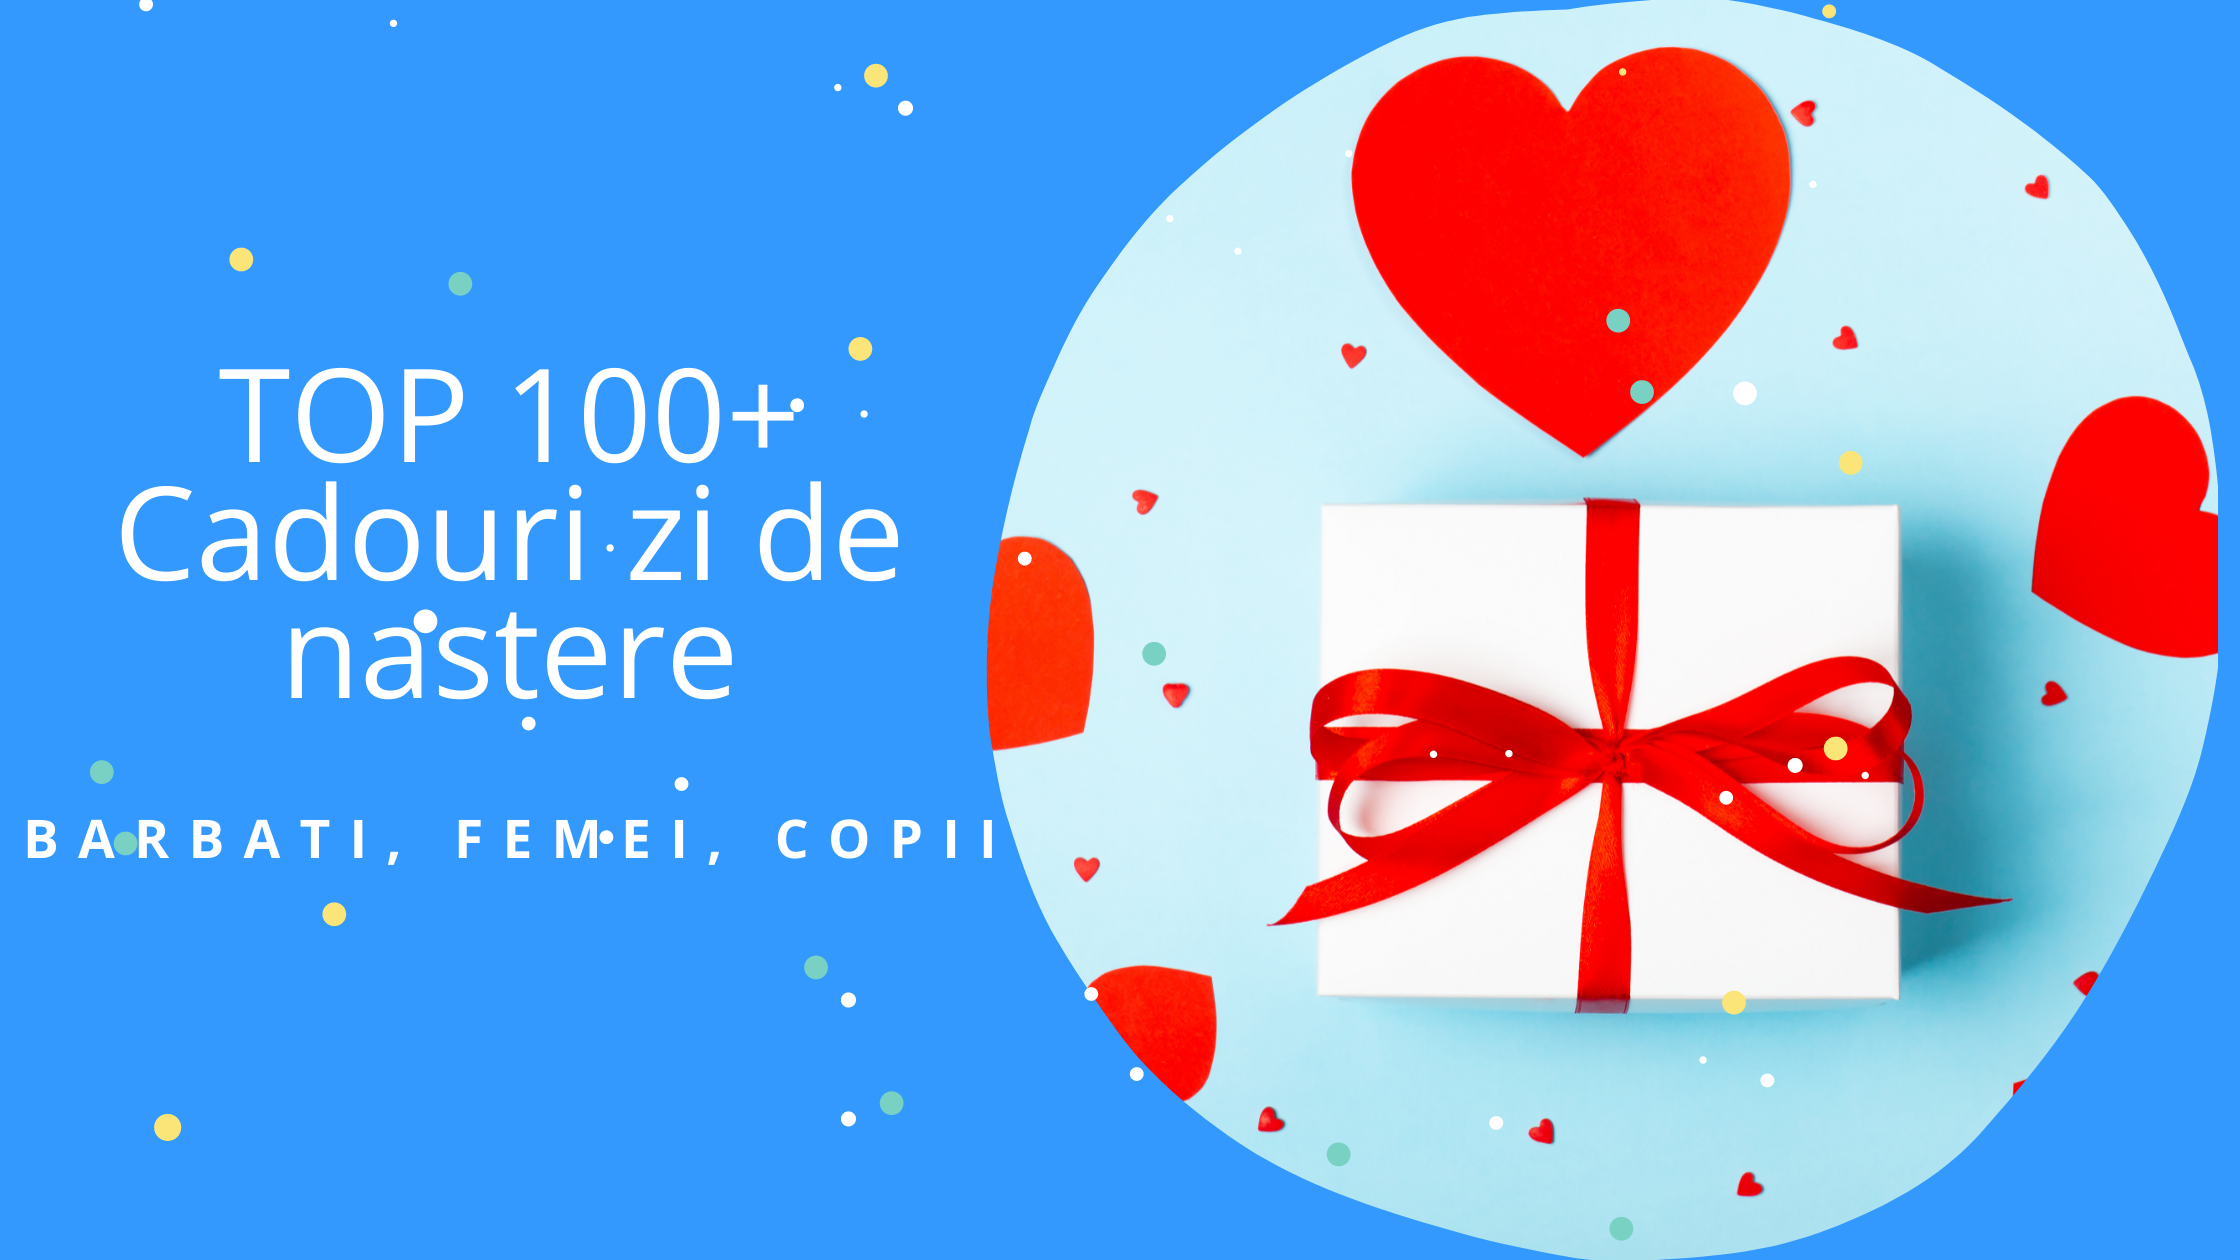 TOP 100+ Cadouri zi de nastere barbati, femei, copii